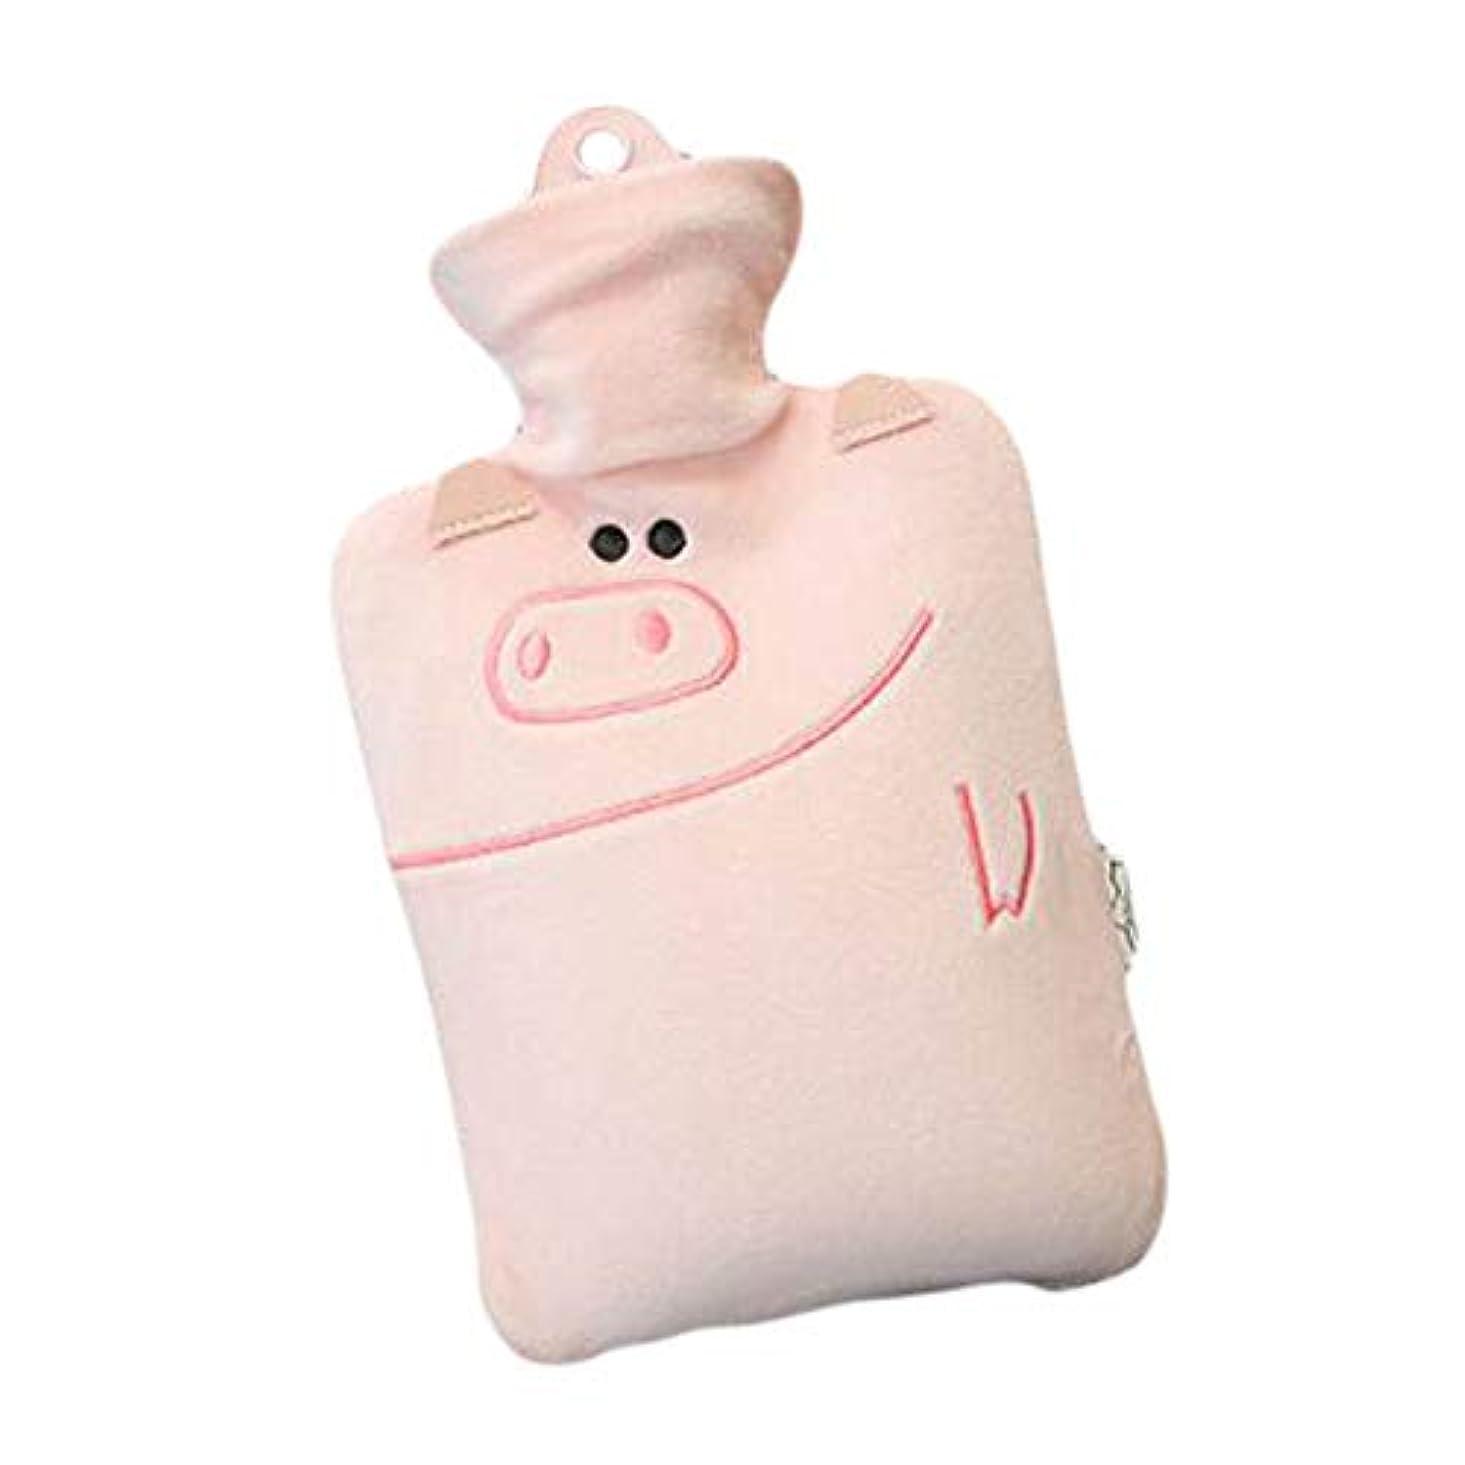 許可する真向こう力愛らしいピンクの豚のパターン400 MLホットウォーターボトル